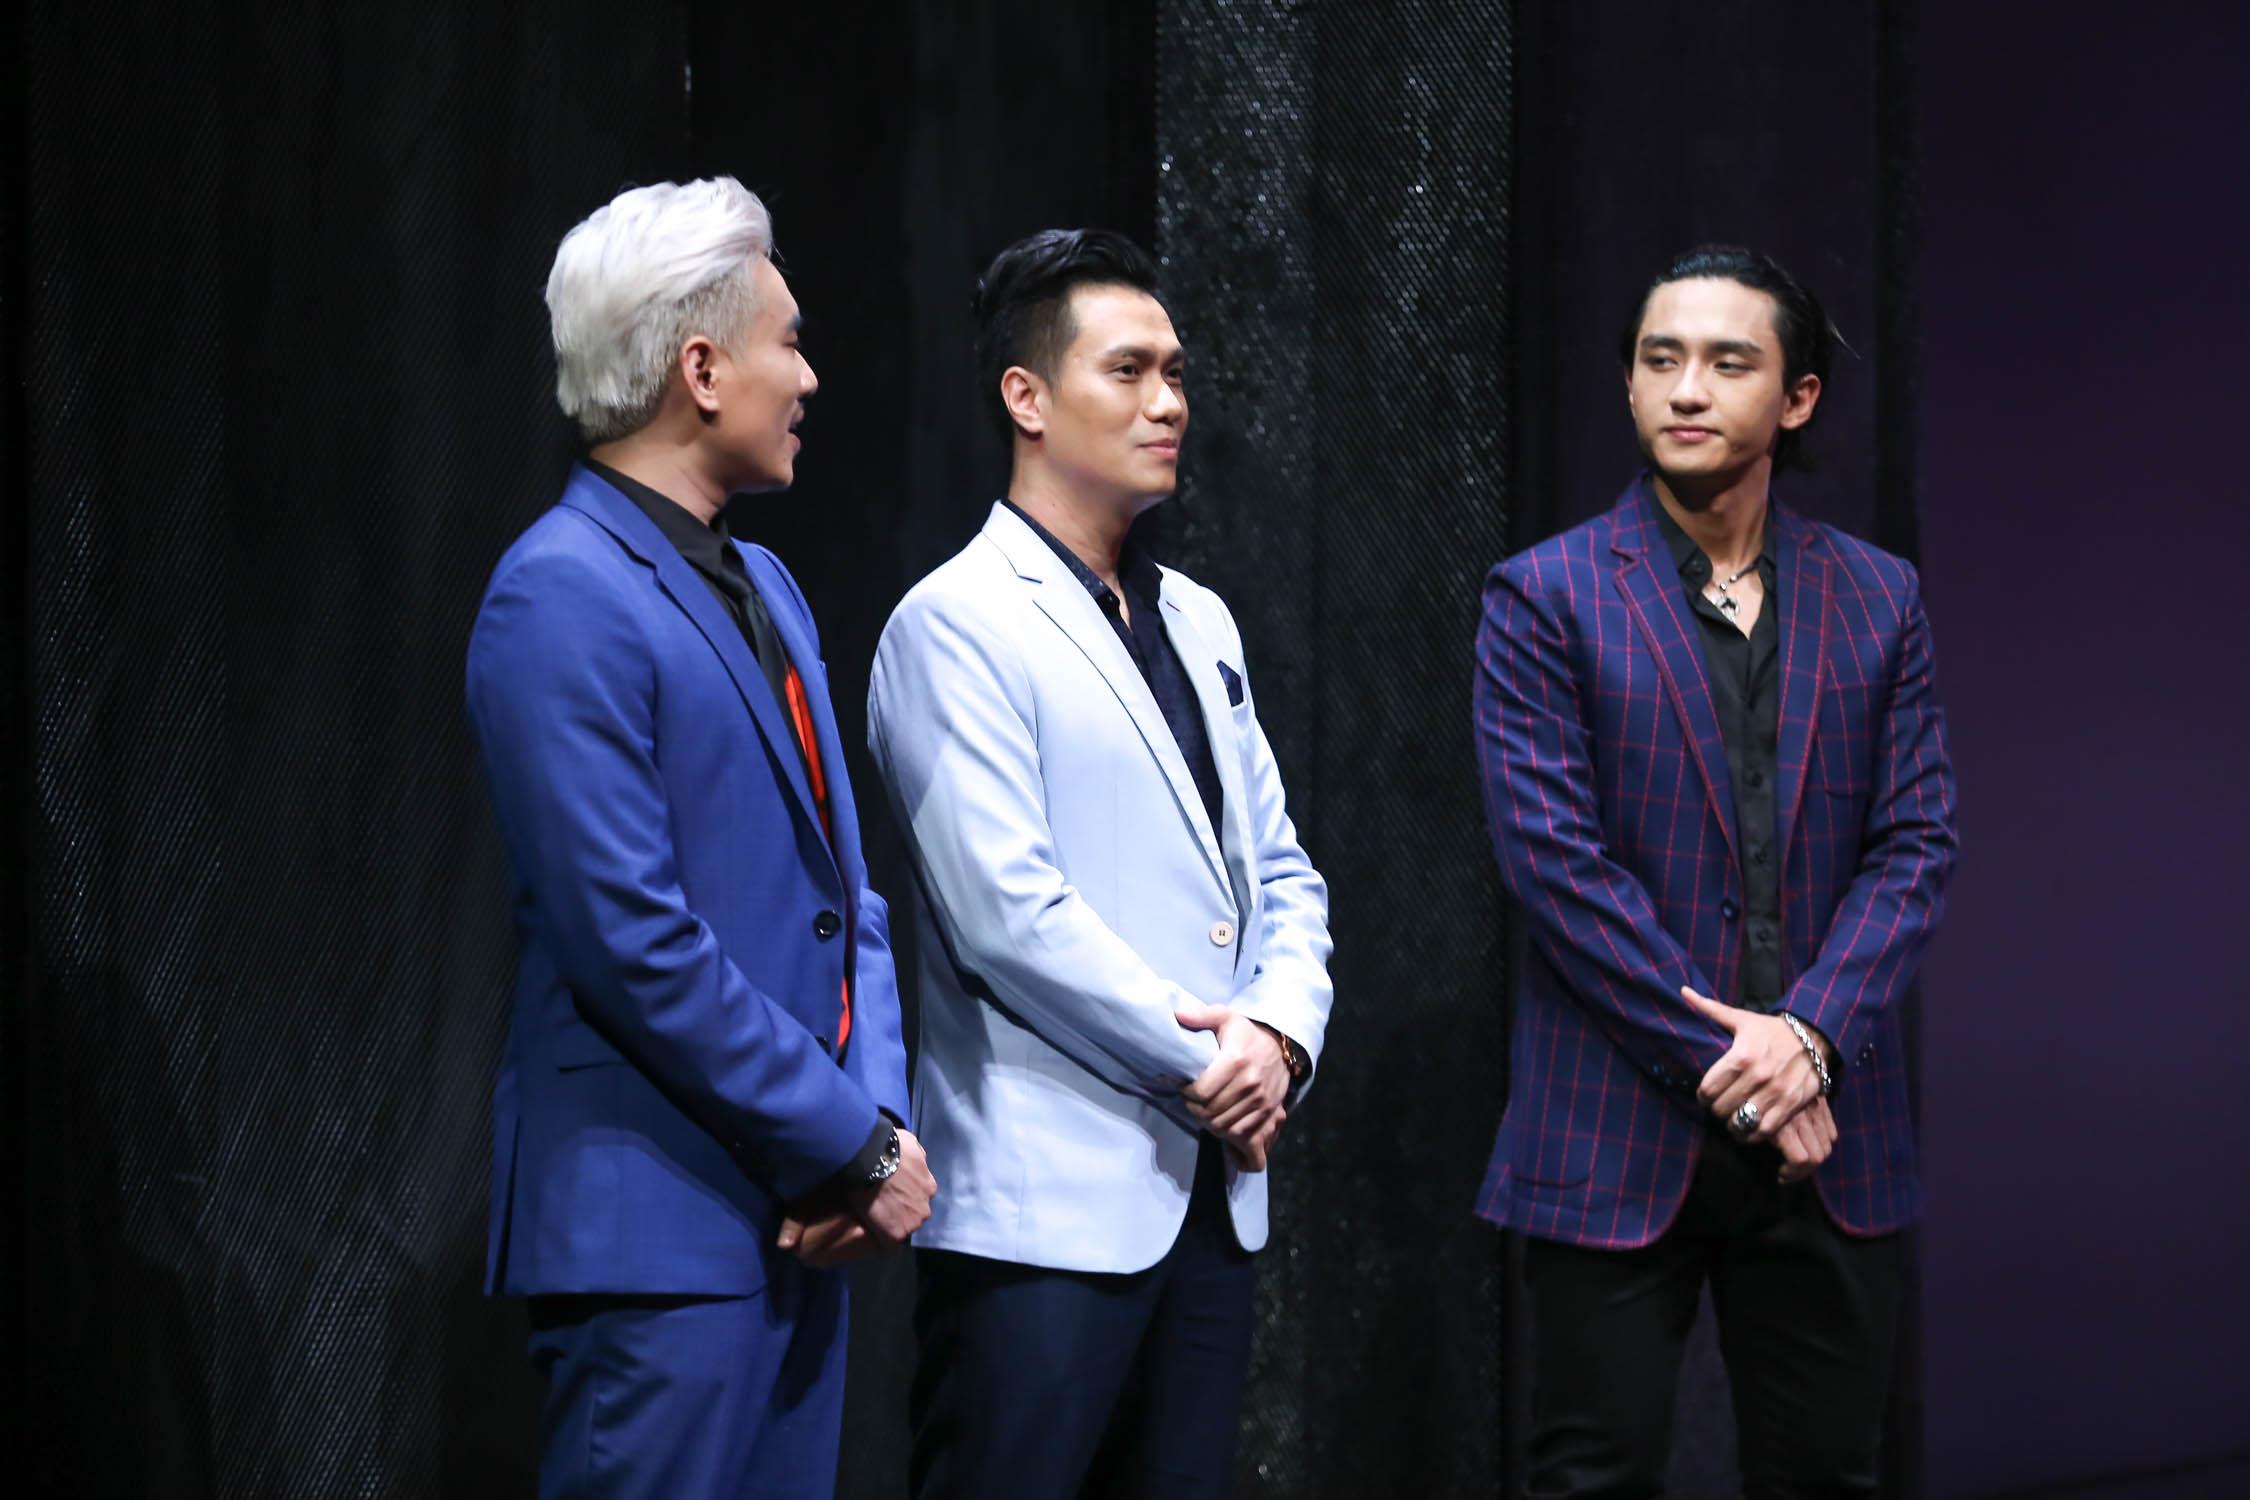 Làm soái ca để người đẹp quyến rũ nhưng Việt Anh lại khiến áo sơmi suýt nứt cúc vì hơi thừa cân - Ảnh 1.